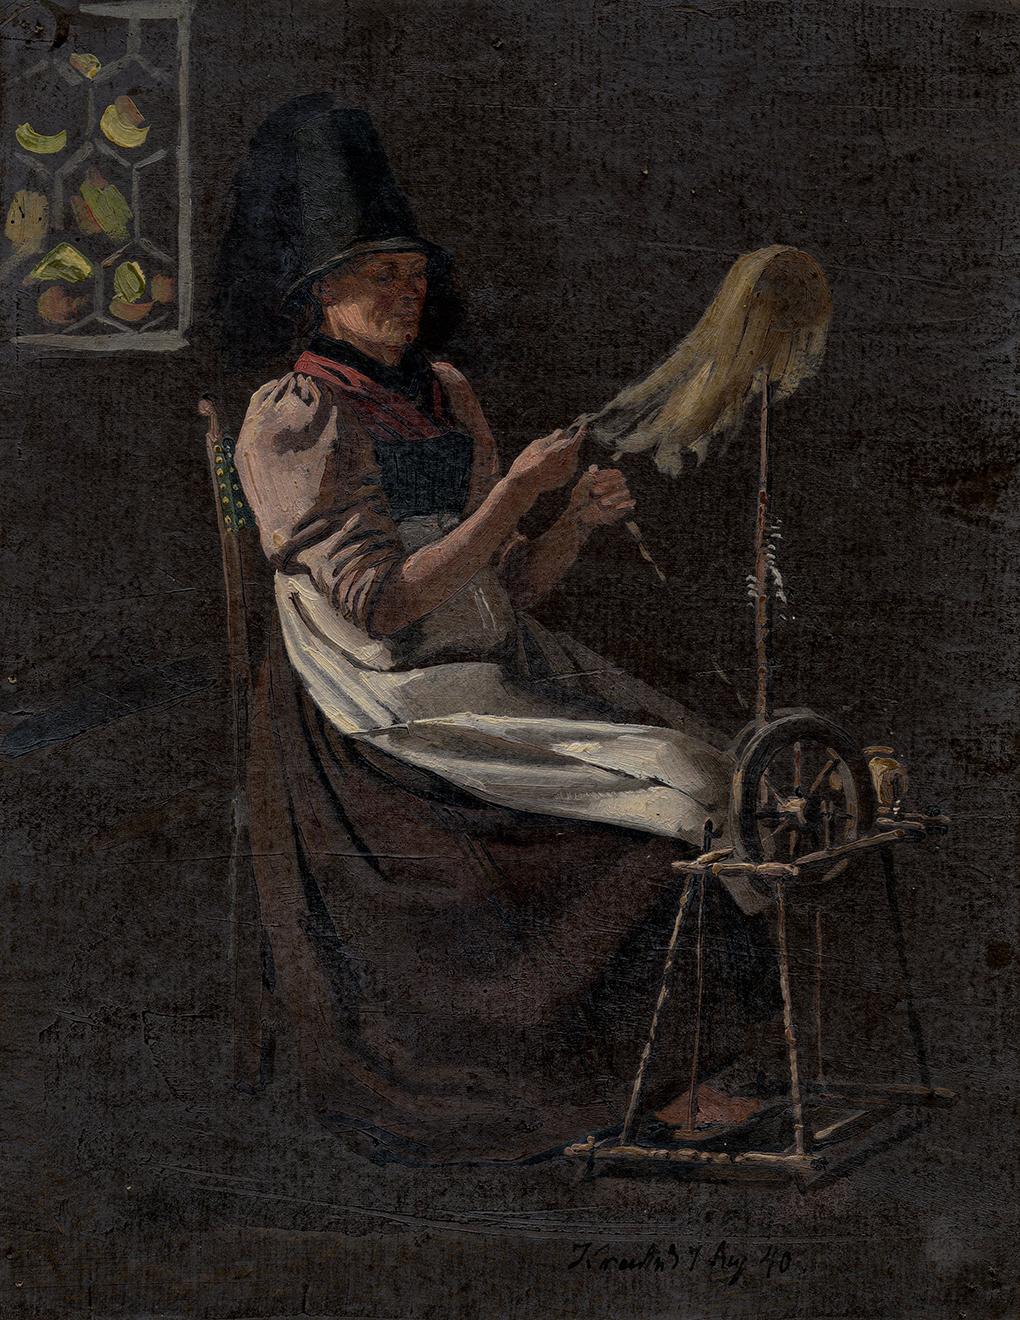 Zdj. 2 Ludwig Most, Prządka, 1840, studium olejne na papierze, praca z teki studiów Mosta, Muzeum Narodowe w Szczecinie